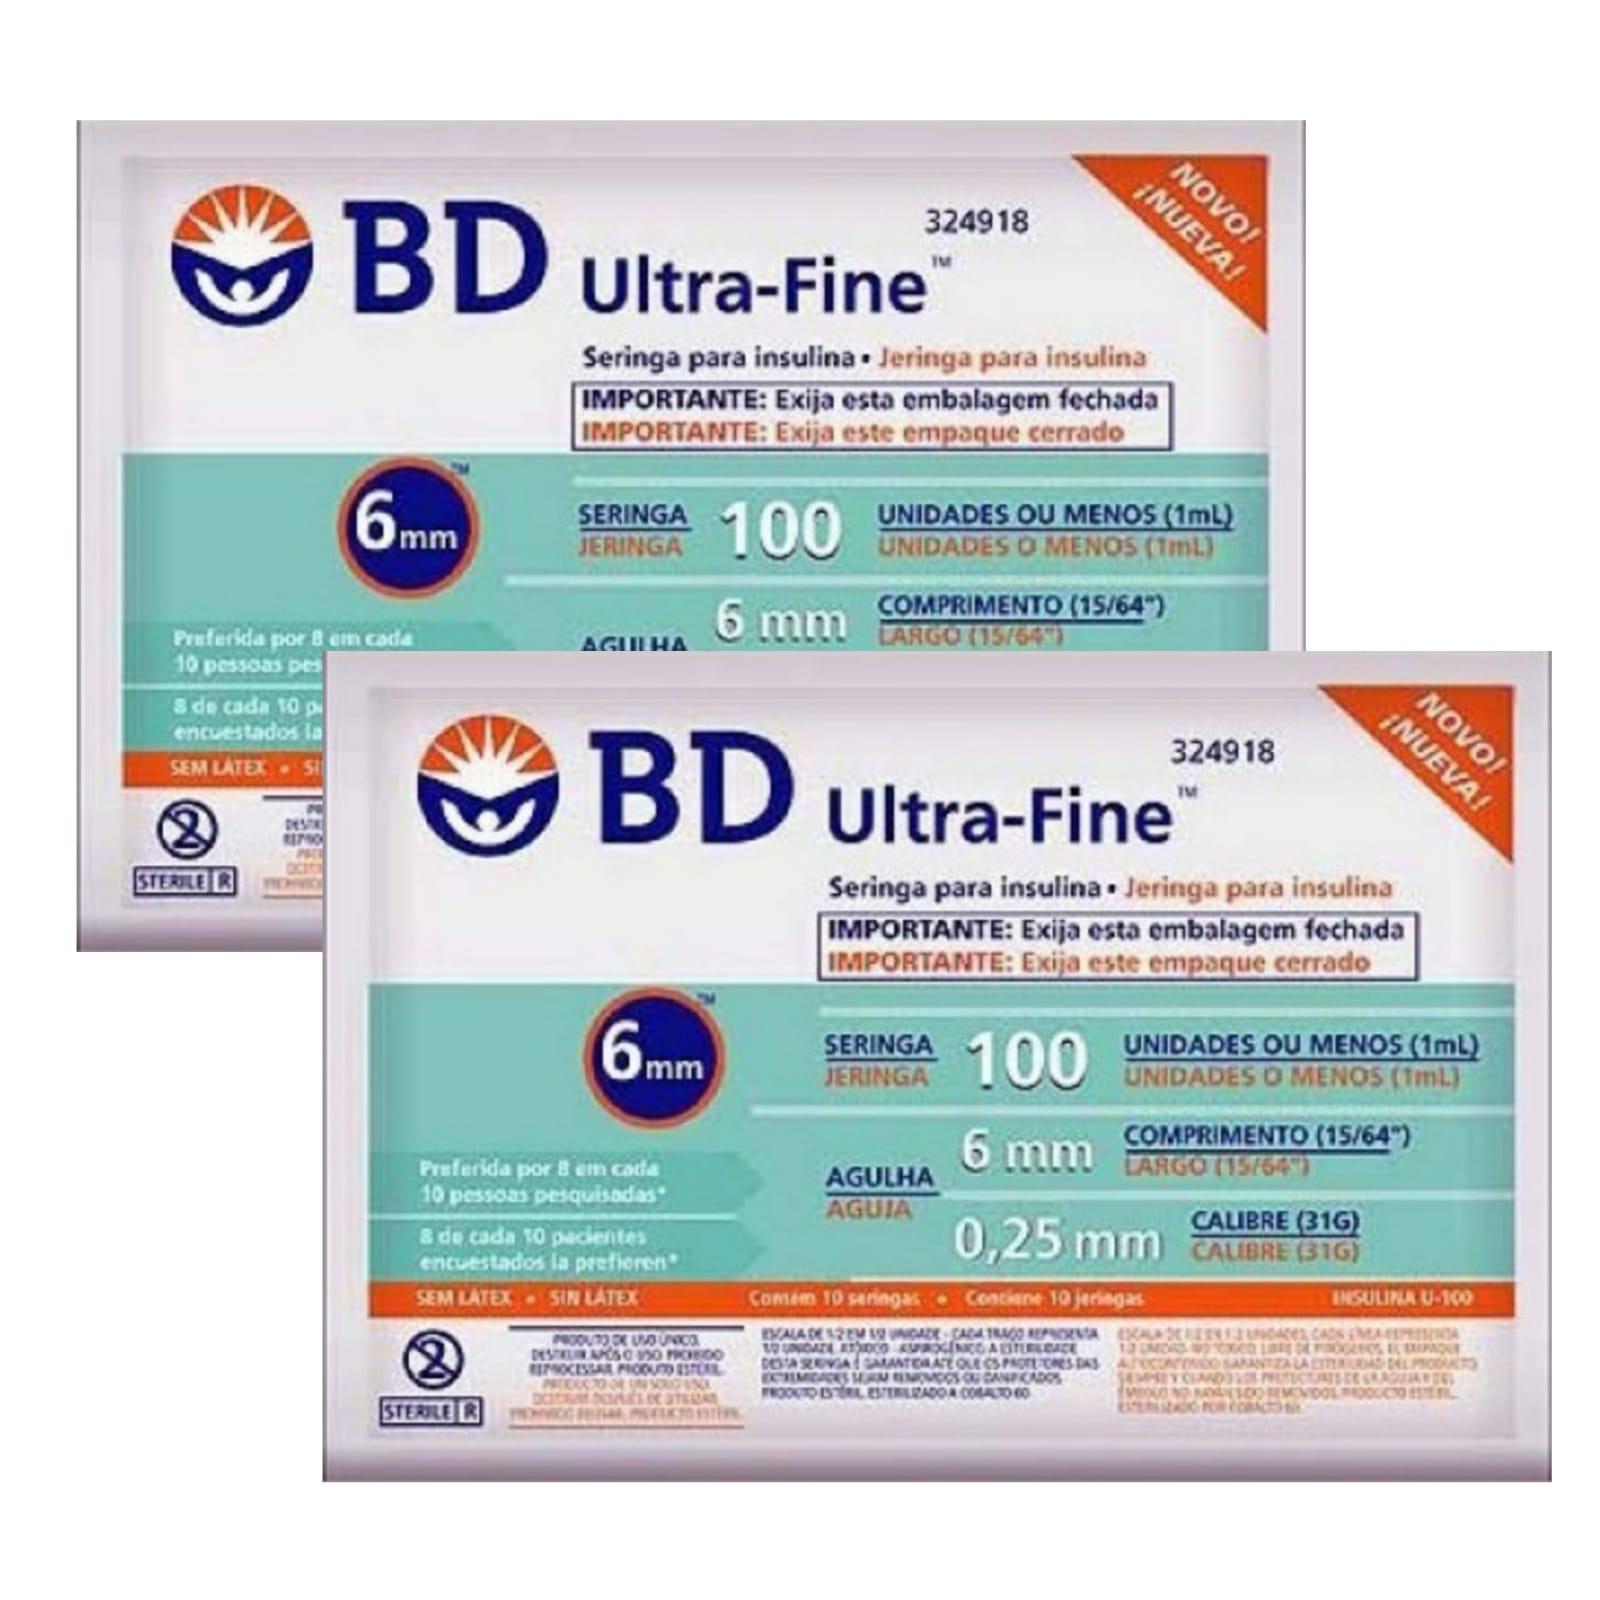 Seringa para Insulina BD Ultrafine 1mL (100UI) Agulha 6x0,25mm 31G - LEVE 2 PACOTES  - Diabetes On - Vendido e Entregue por Diabetic Center